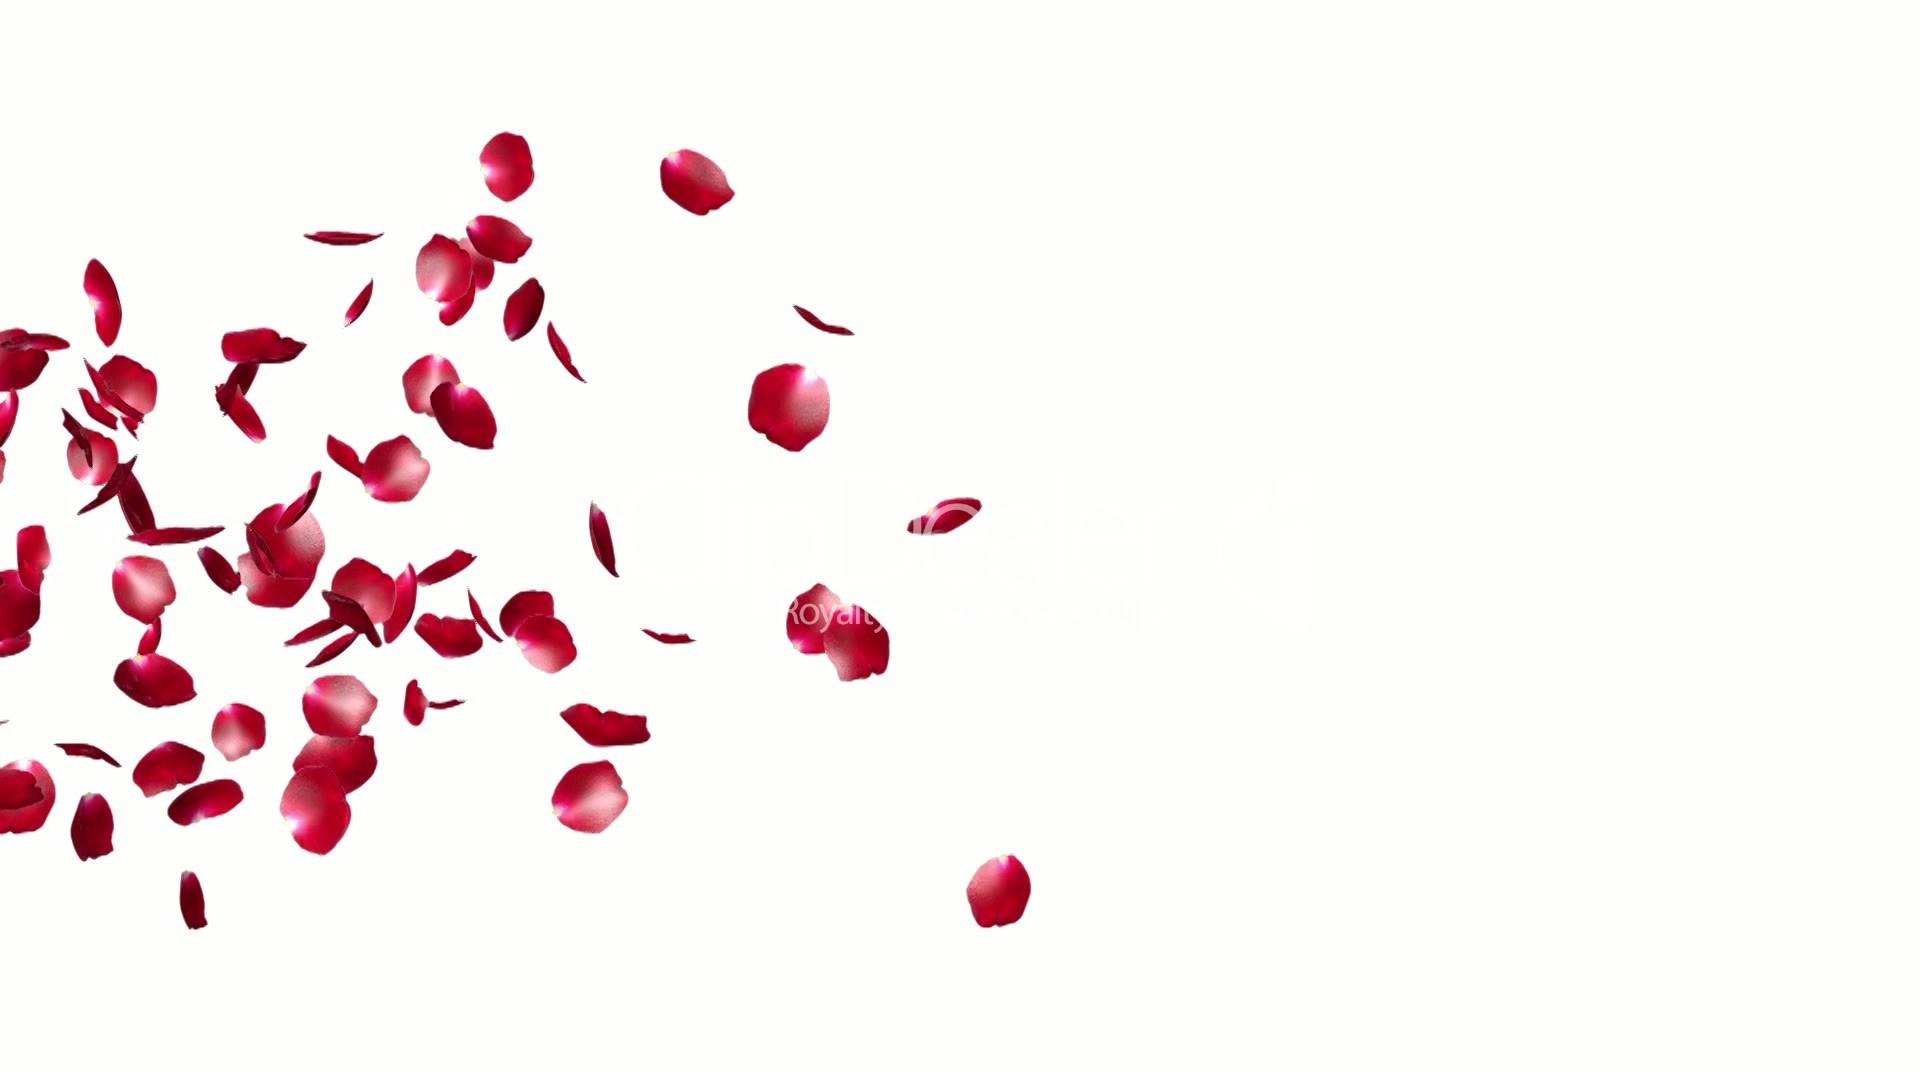 1920x1080 Red Falling Rose Petals Drawings